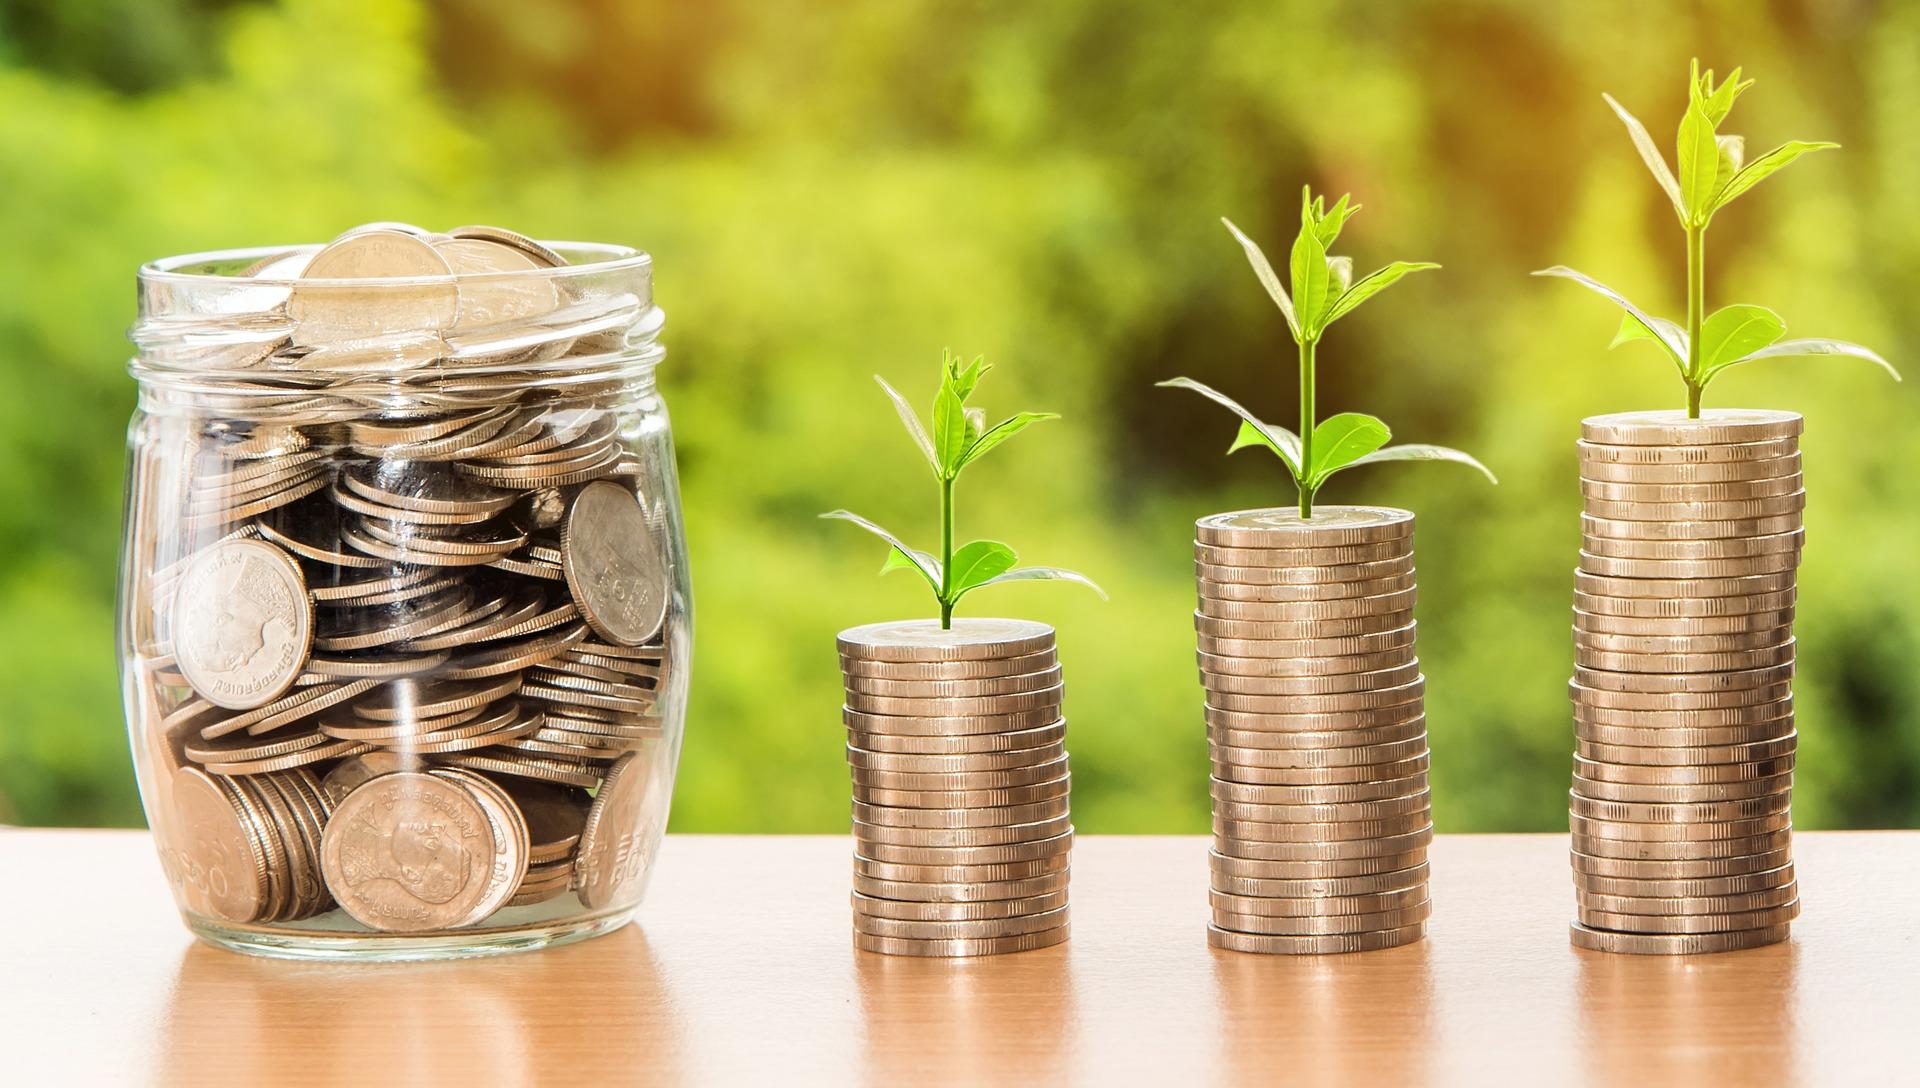 ウェディングプランナーの年収の上げ方